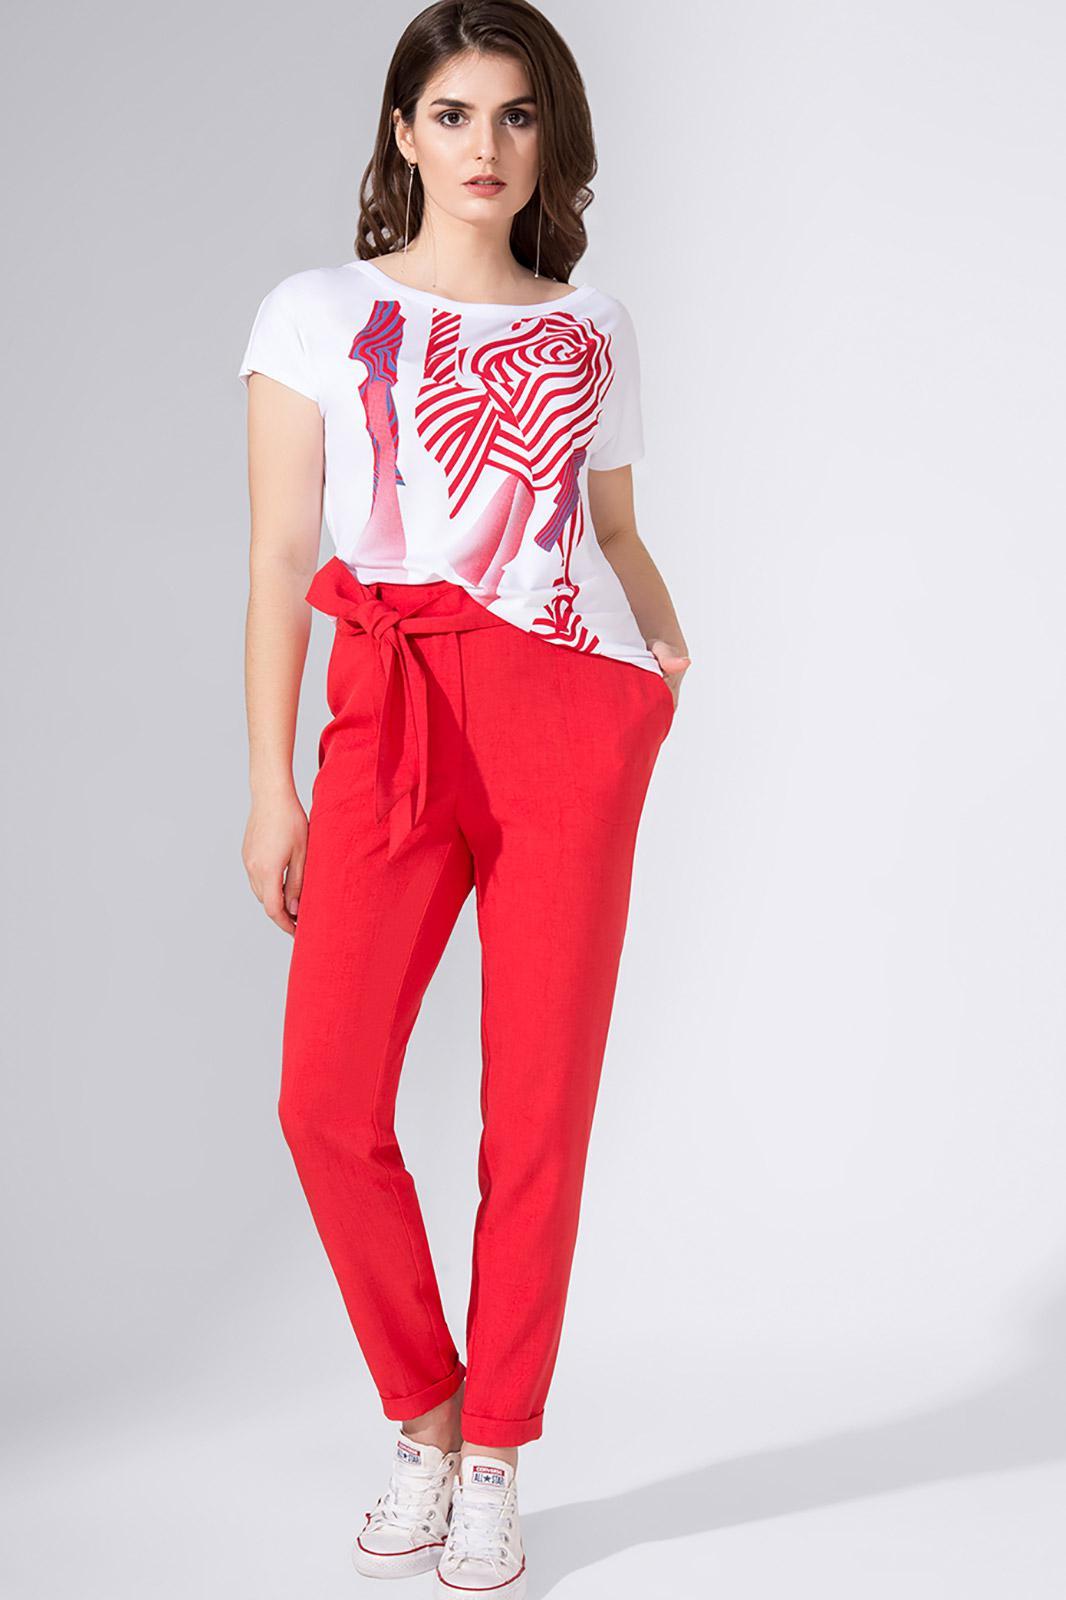 0c6a53abae73 Купить женские брюки в интернет-магазине в Минске, недорого